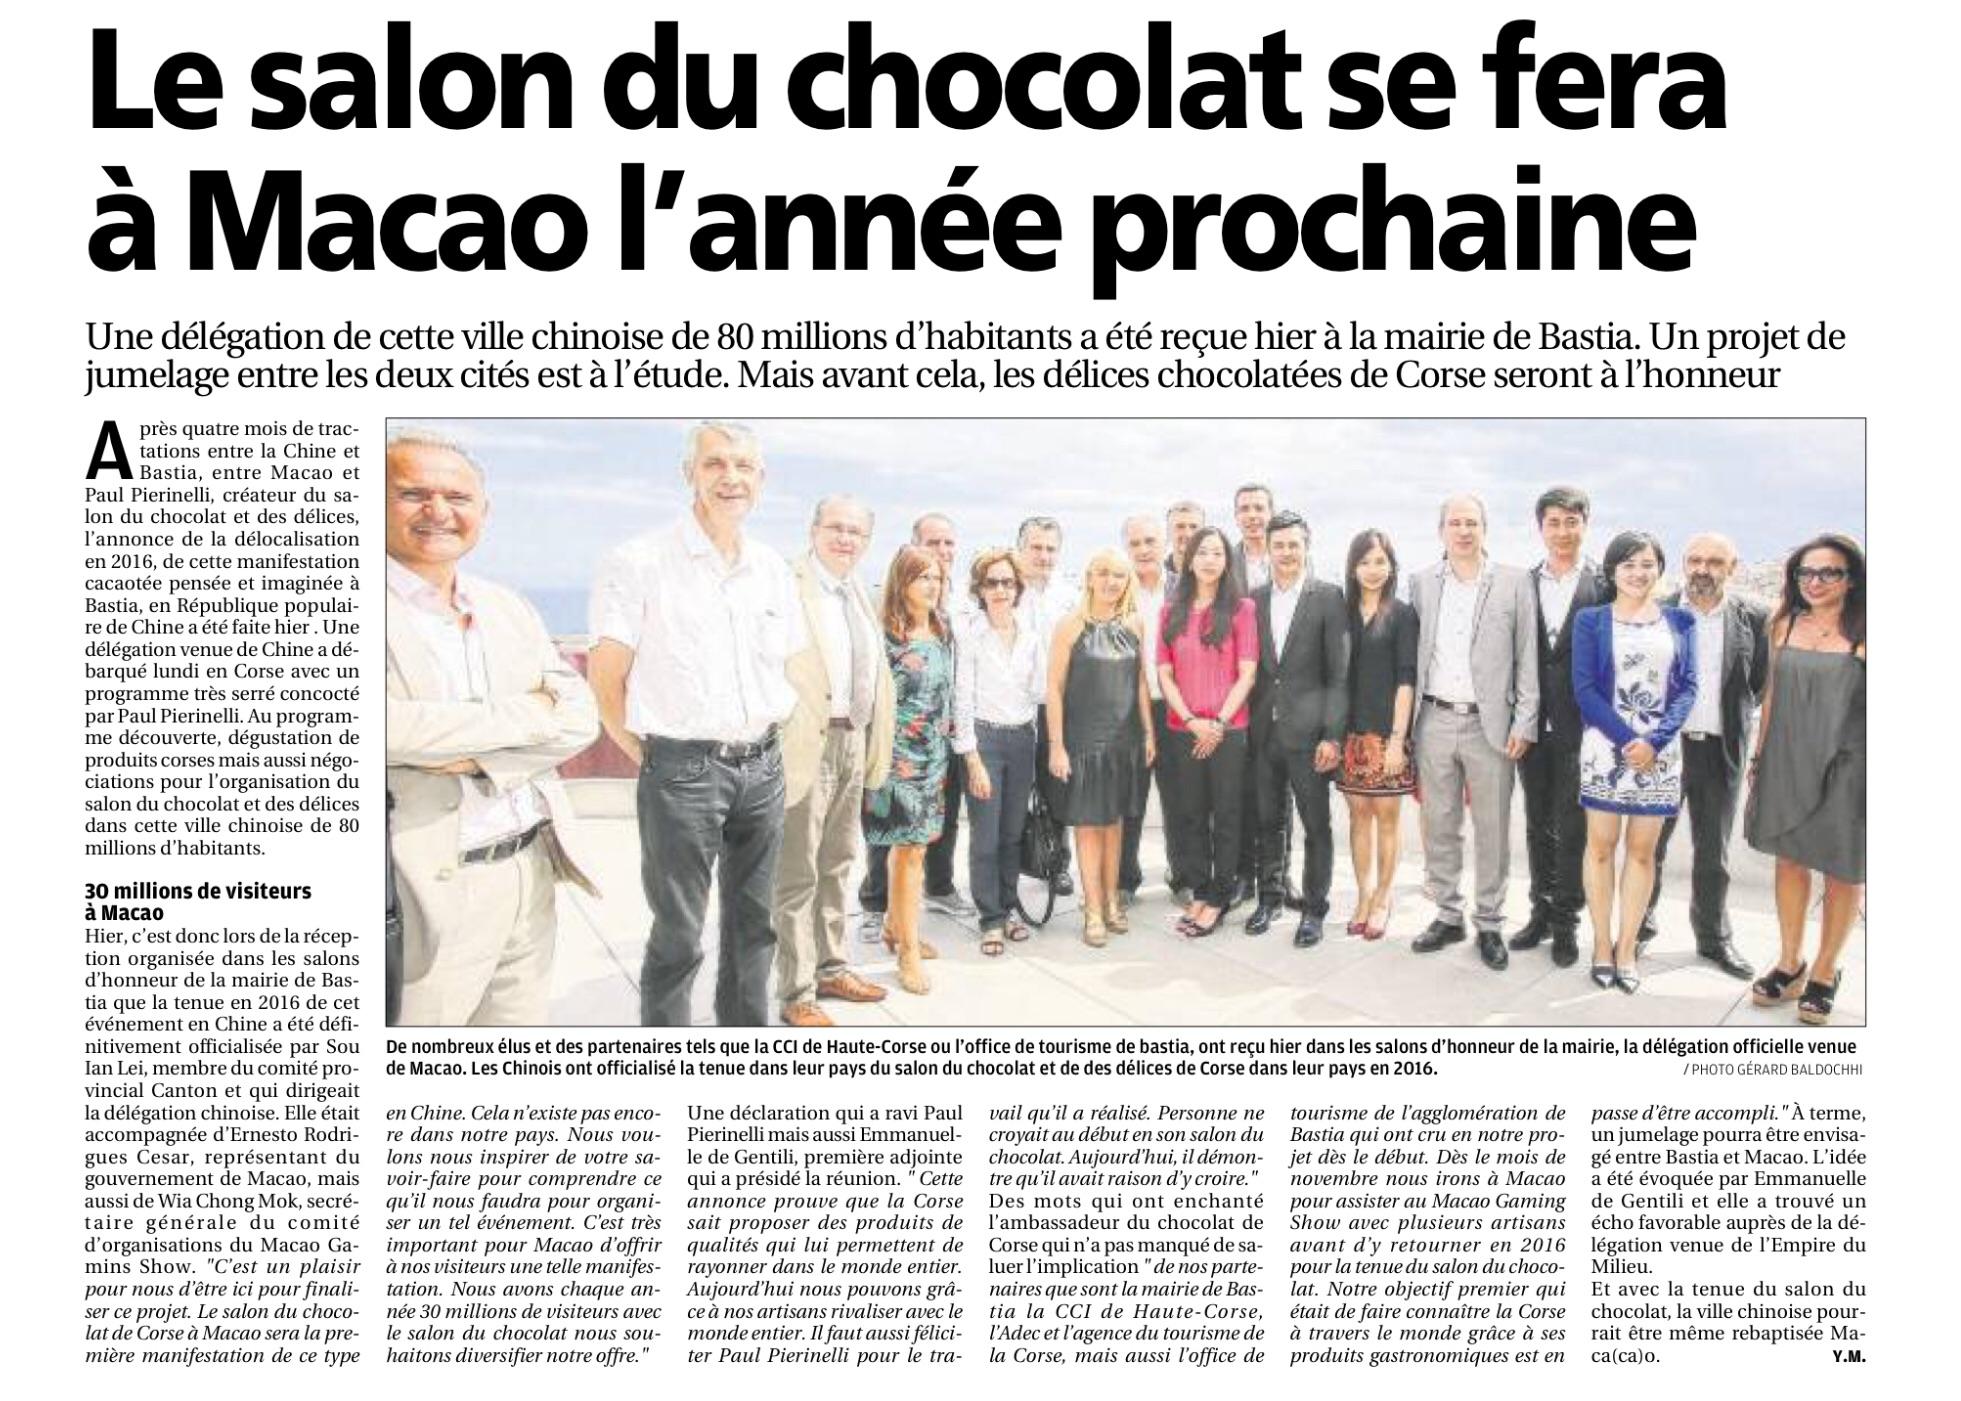 Le salon du chocolat s'exporte à Macao.